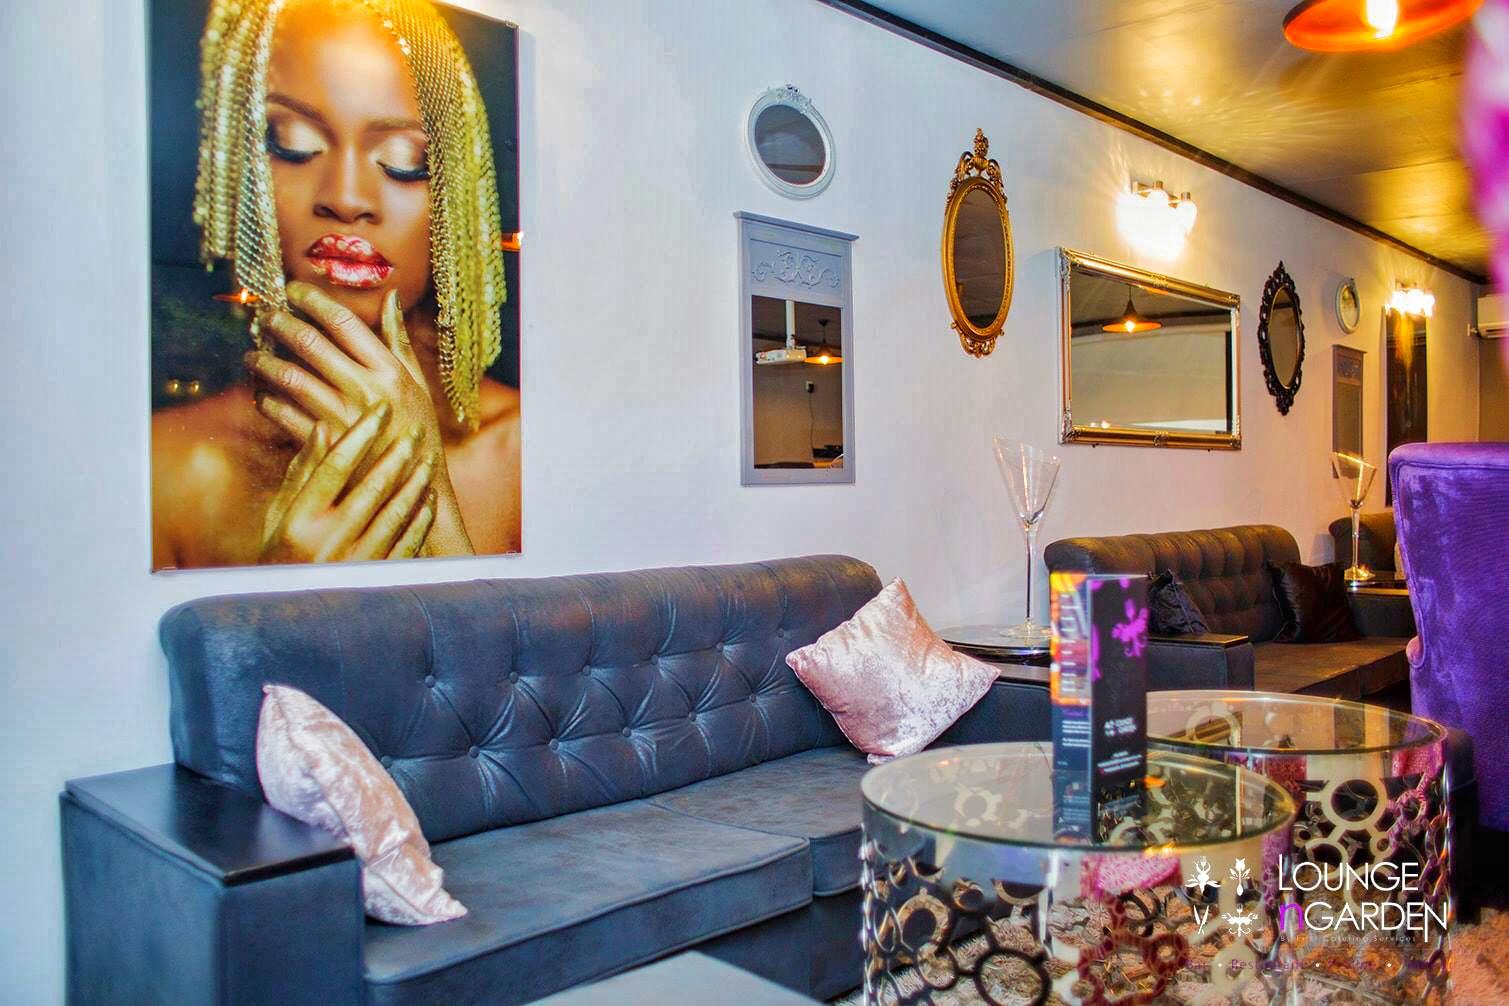 Lounge N Garden